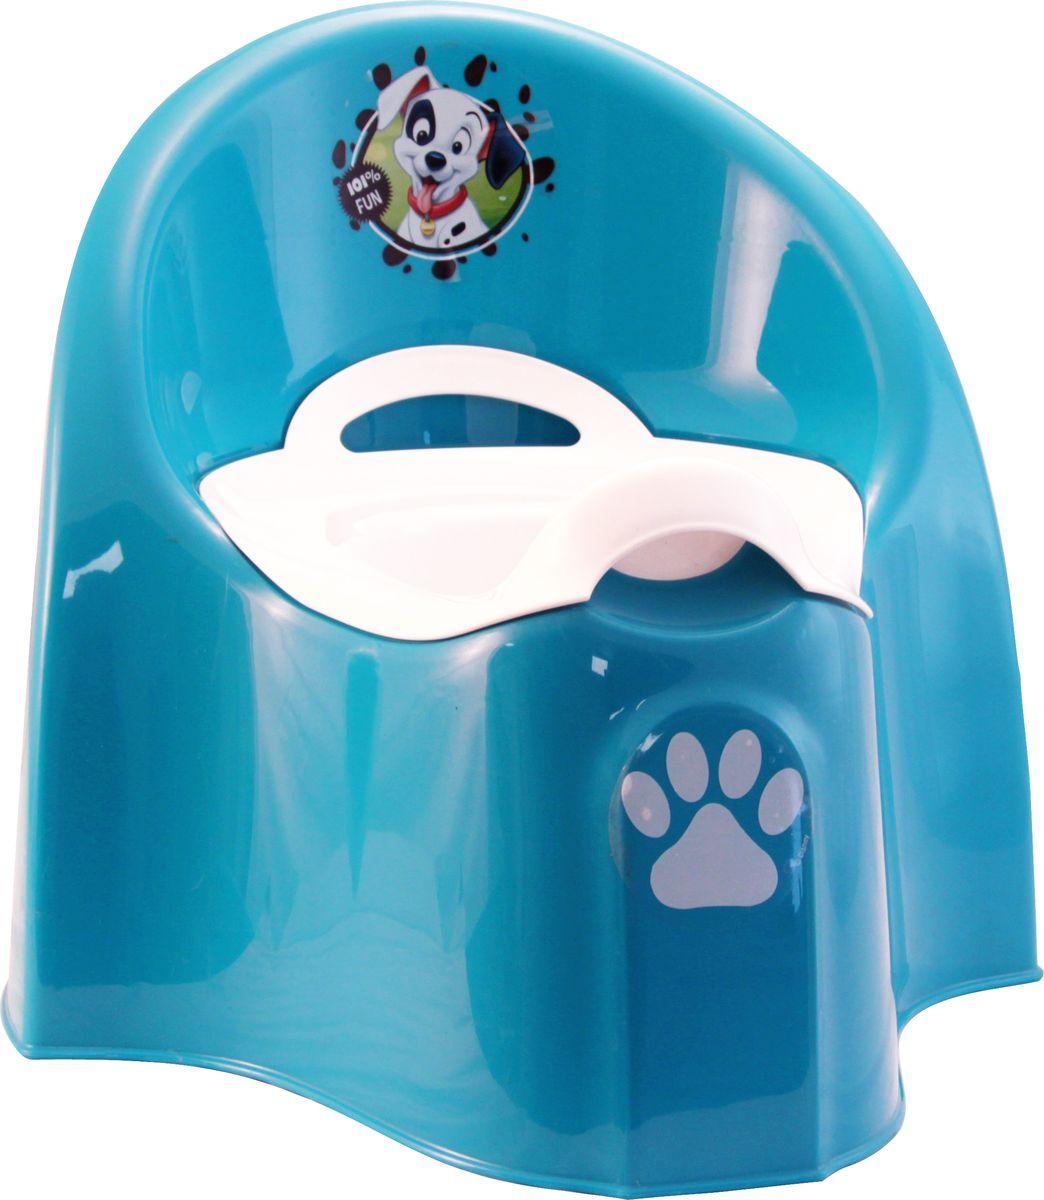 Disney Горшок детский большой цвет бирюзовый -  Горшки и адаптеры для унитаза